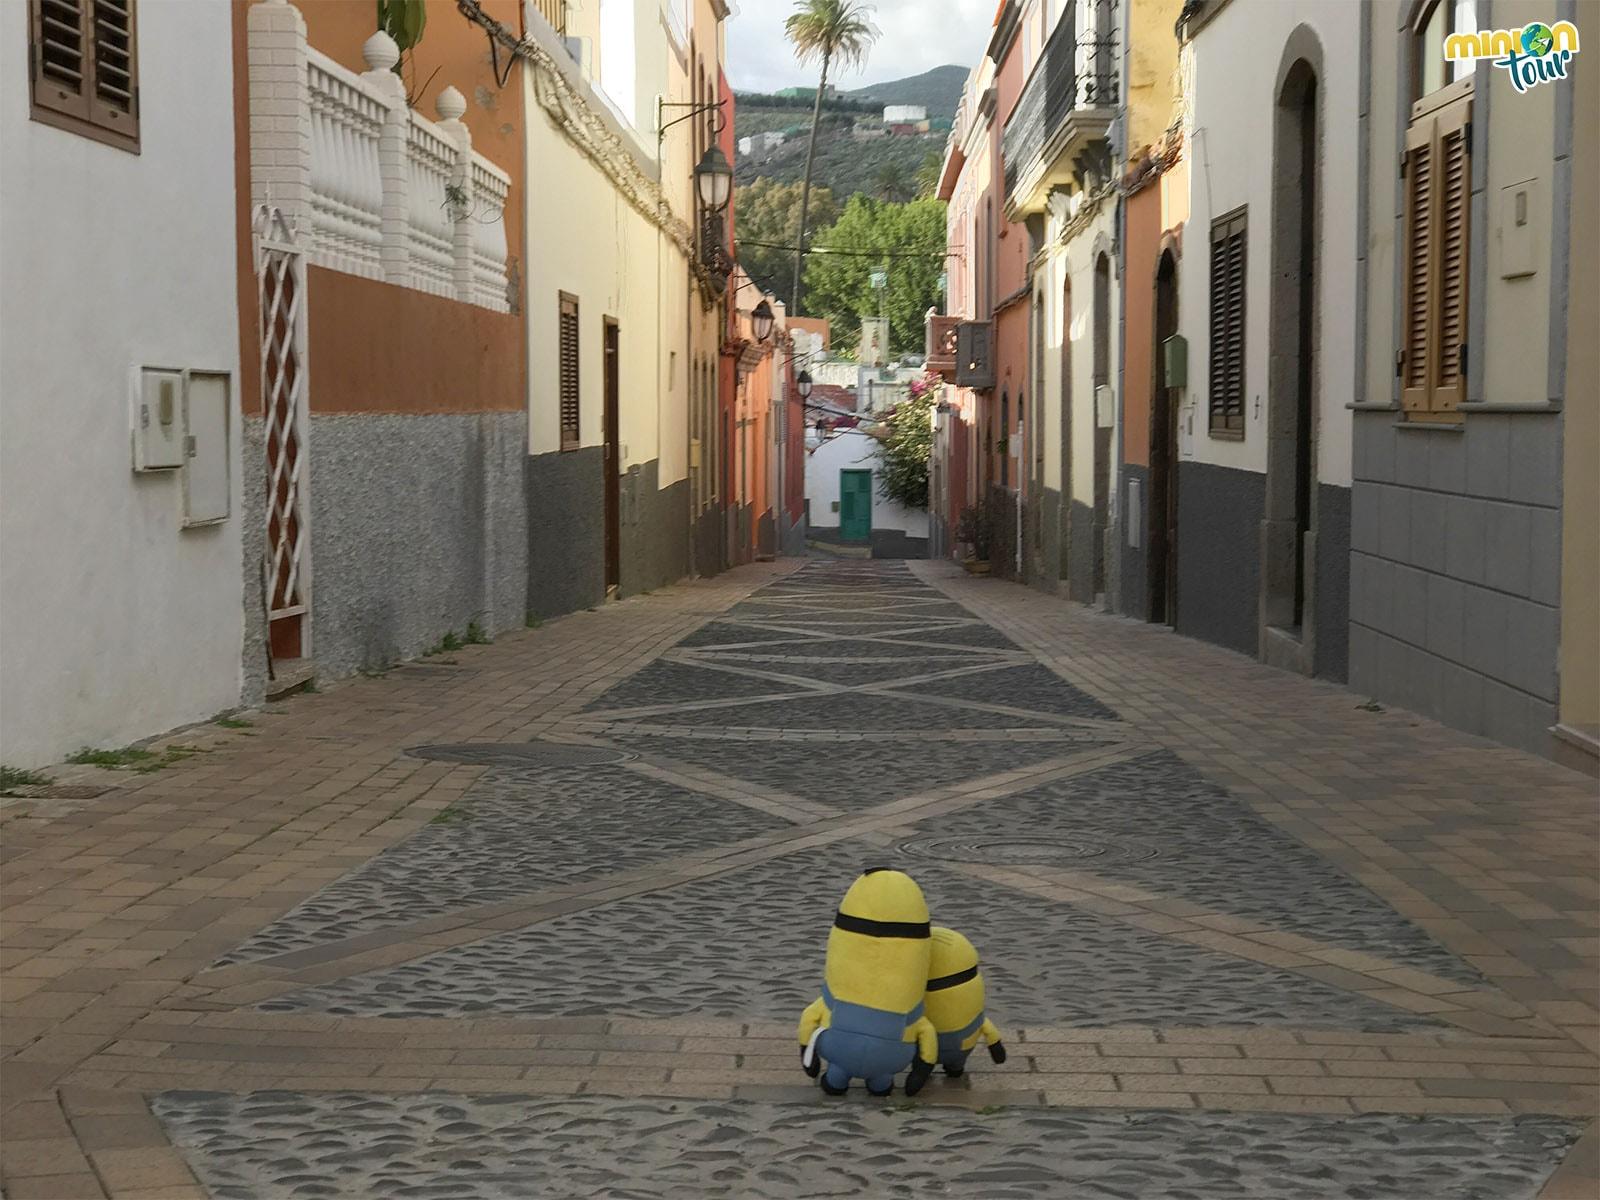 Paseando por las calles de Ingenio